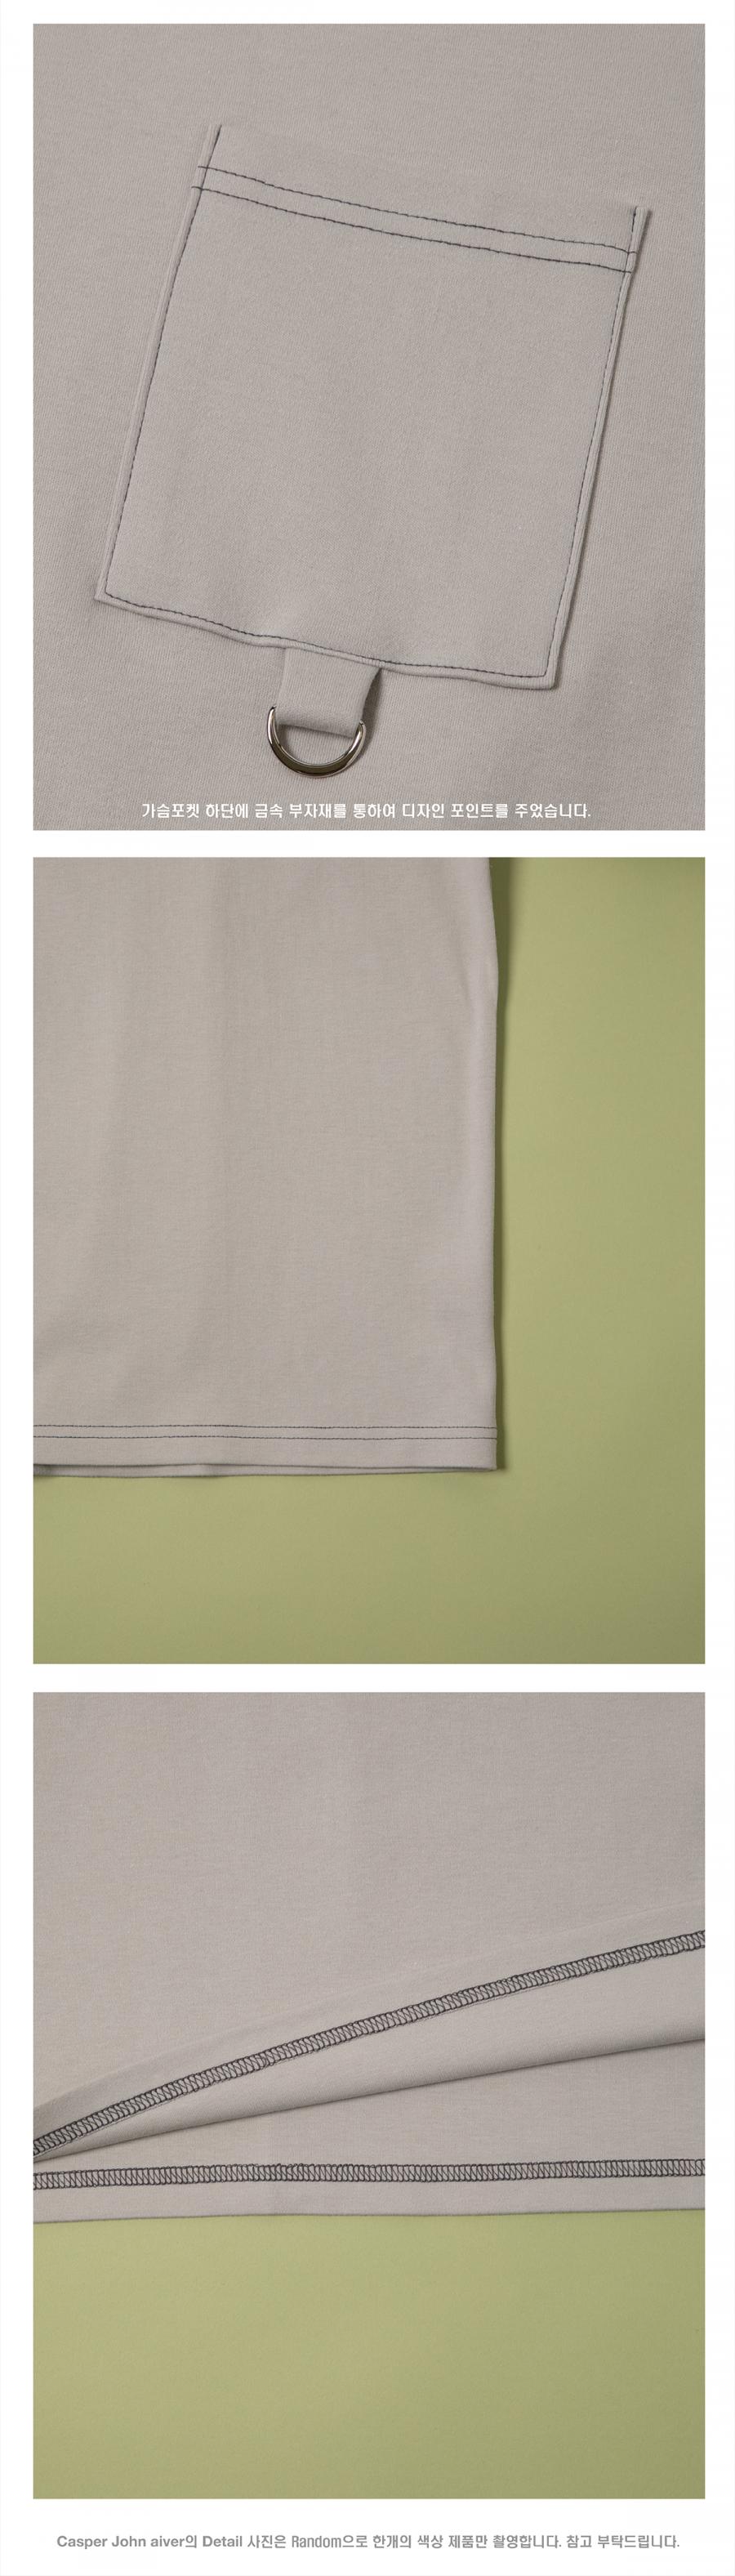 캐스퍼존아이바(CASPERJOHNAIVER) 실키 D링 포켓 티셔츠(연그레이)